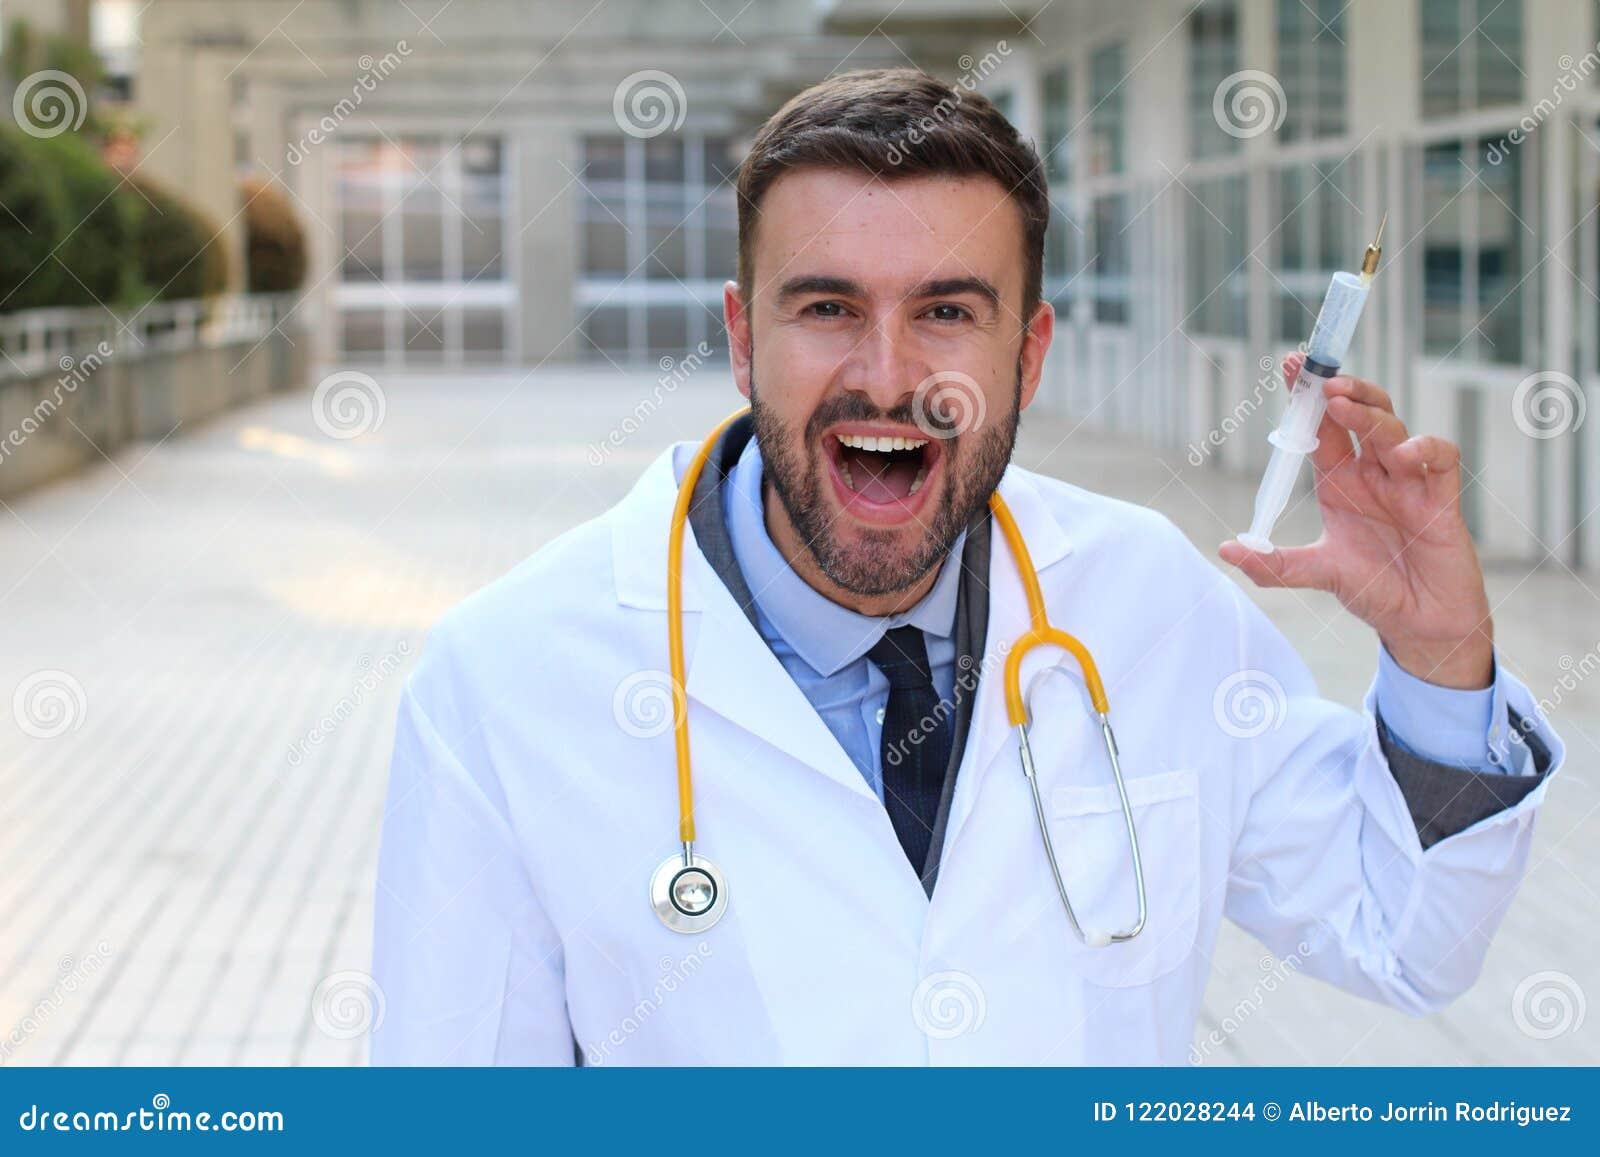 Doctor malvado que sostiene una jeringuilla en hospital